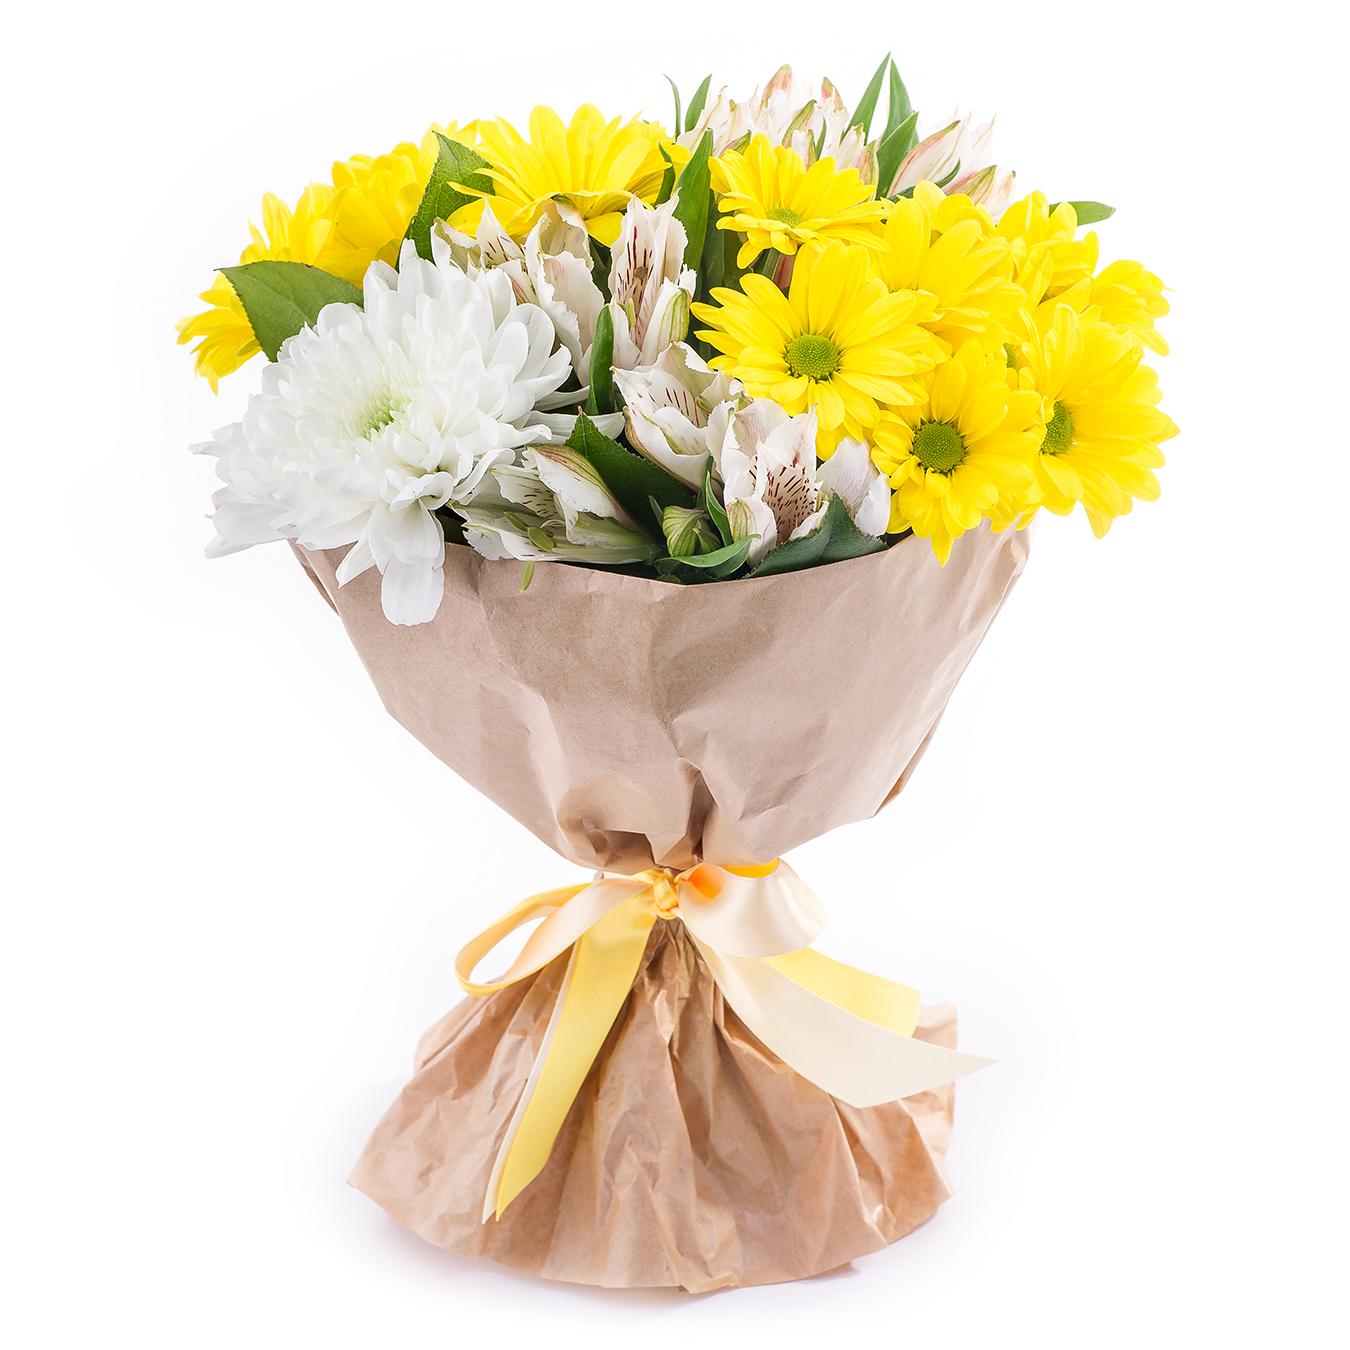 Авторский букет цветов Смайлик<br>Ингредиенты: Альстромерия 3 шт, Салал, Хризантема кустовая 2 шт, Хризантема 1 шт, Крафт 1 шт;